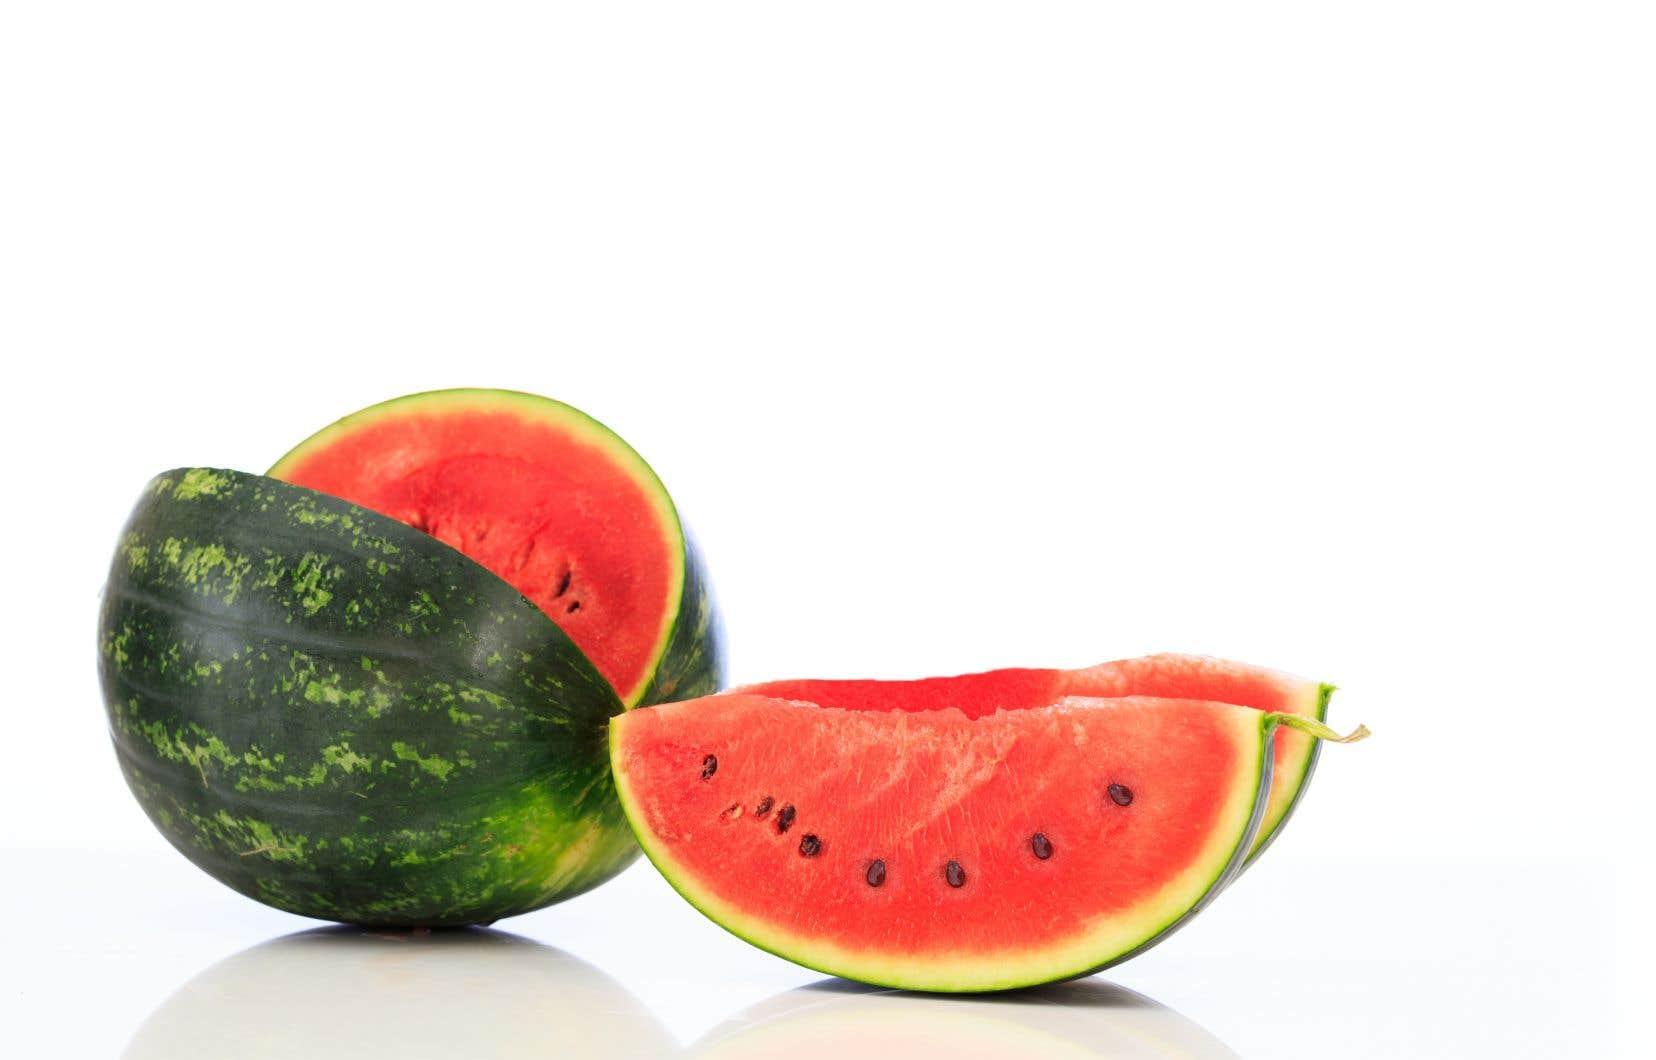 Le melon d'eau, un indispensable des chaudes journées d'été!